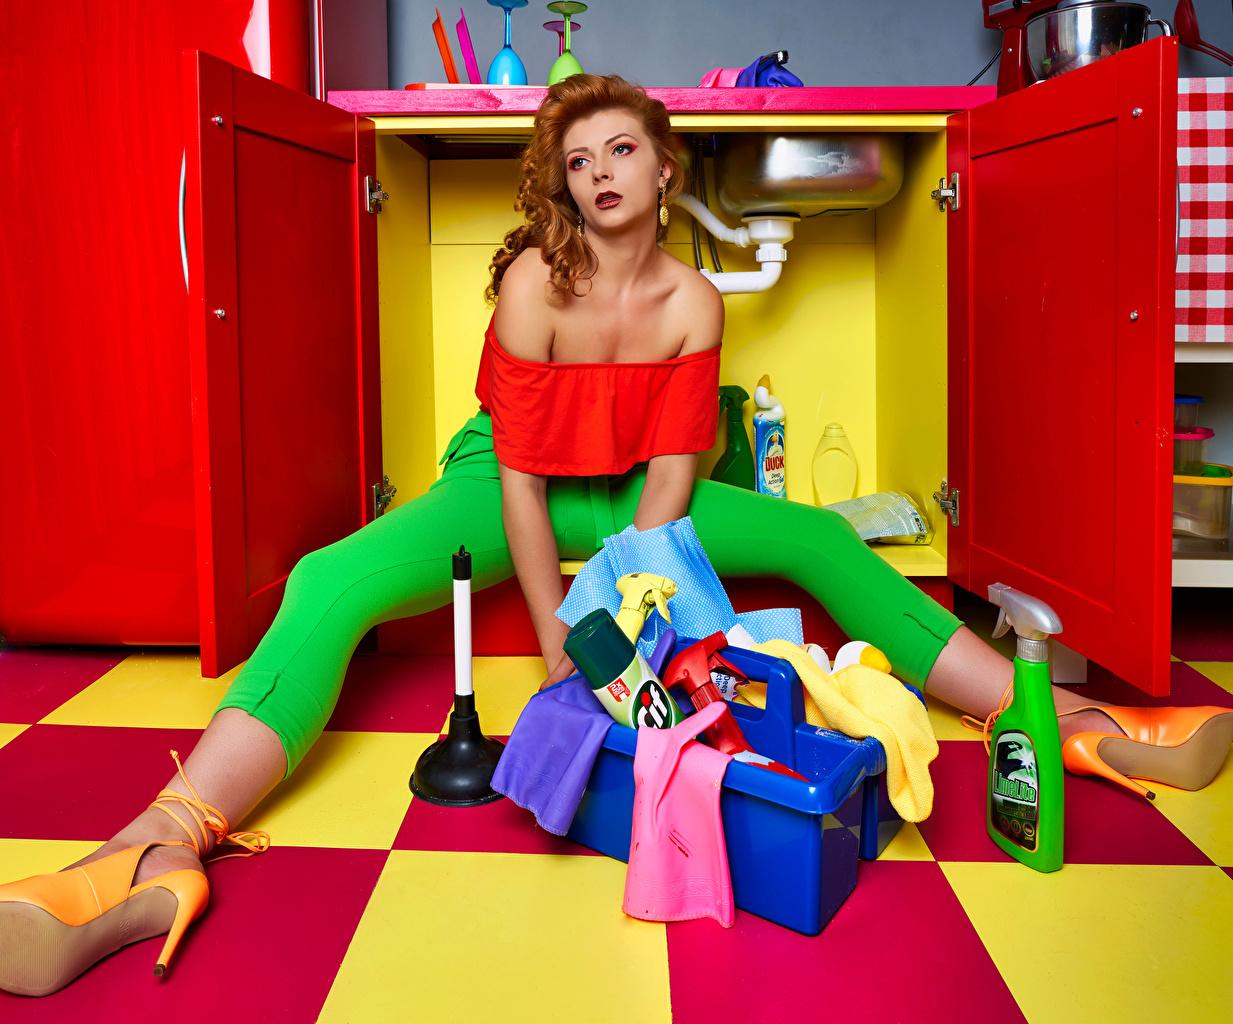 Картинки Ткань Рыжая Кухня Уборщица молодая женщина Ноги Сидит текстиль рыжие рыжих кухни девушка Девушки молодые женщины ног сидя сидящие